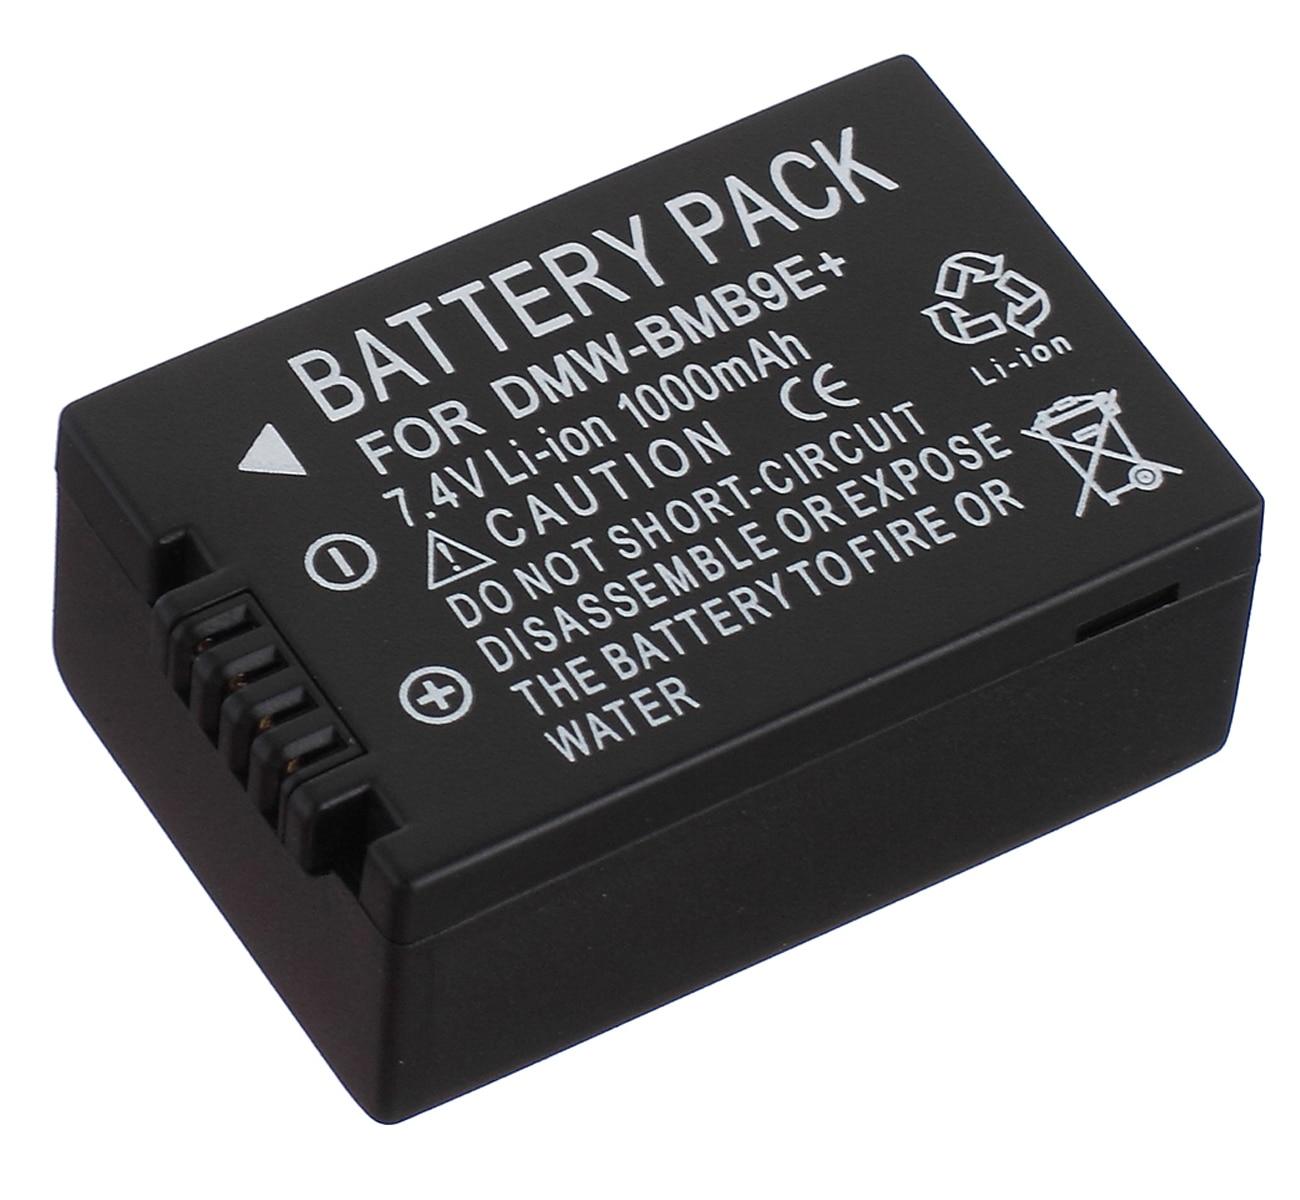 Перезаряжаемые литий-ионный Батарея пакет для Leica BC-DC9, BPDC9, BP-DC9, BP-DC9E/U, BP-DC9 E/U, BP-DC9-E, BP-DC9-U, BP-DC9U - Цвет: 1x DMW-BMB9 Battery